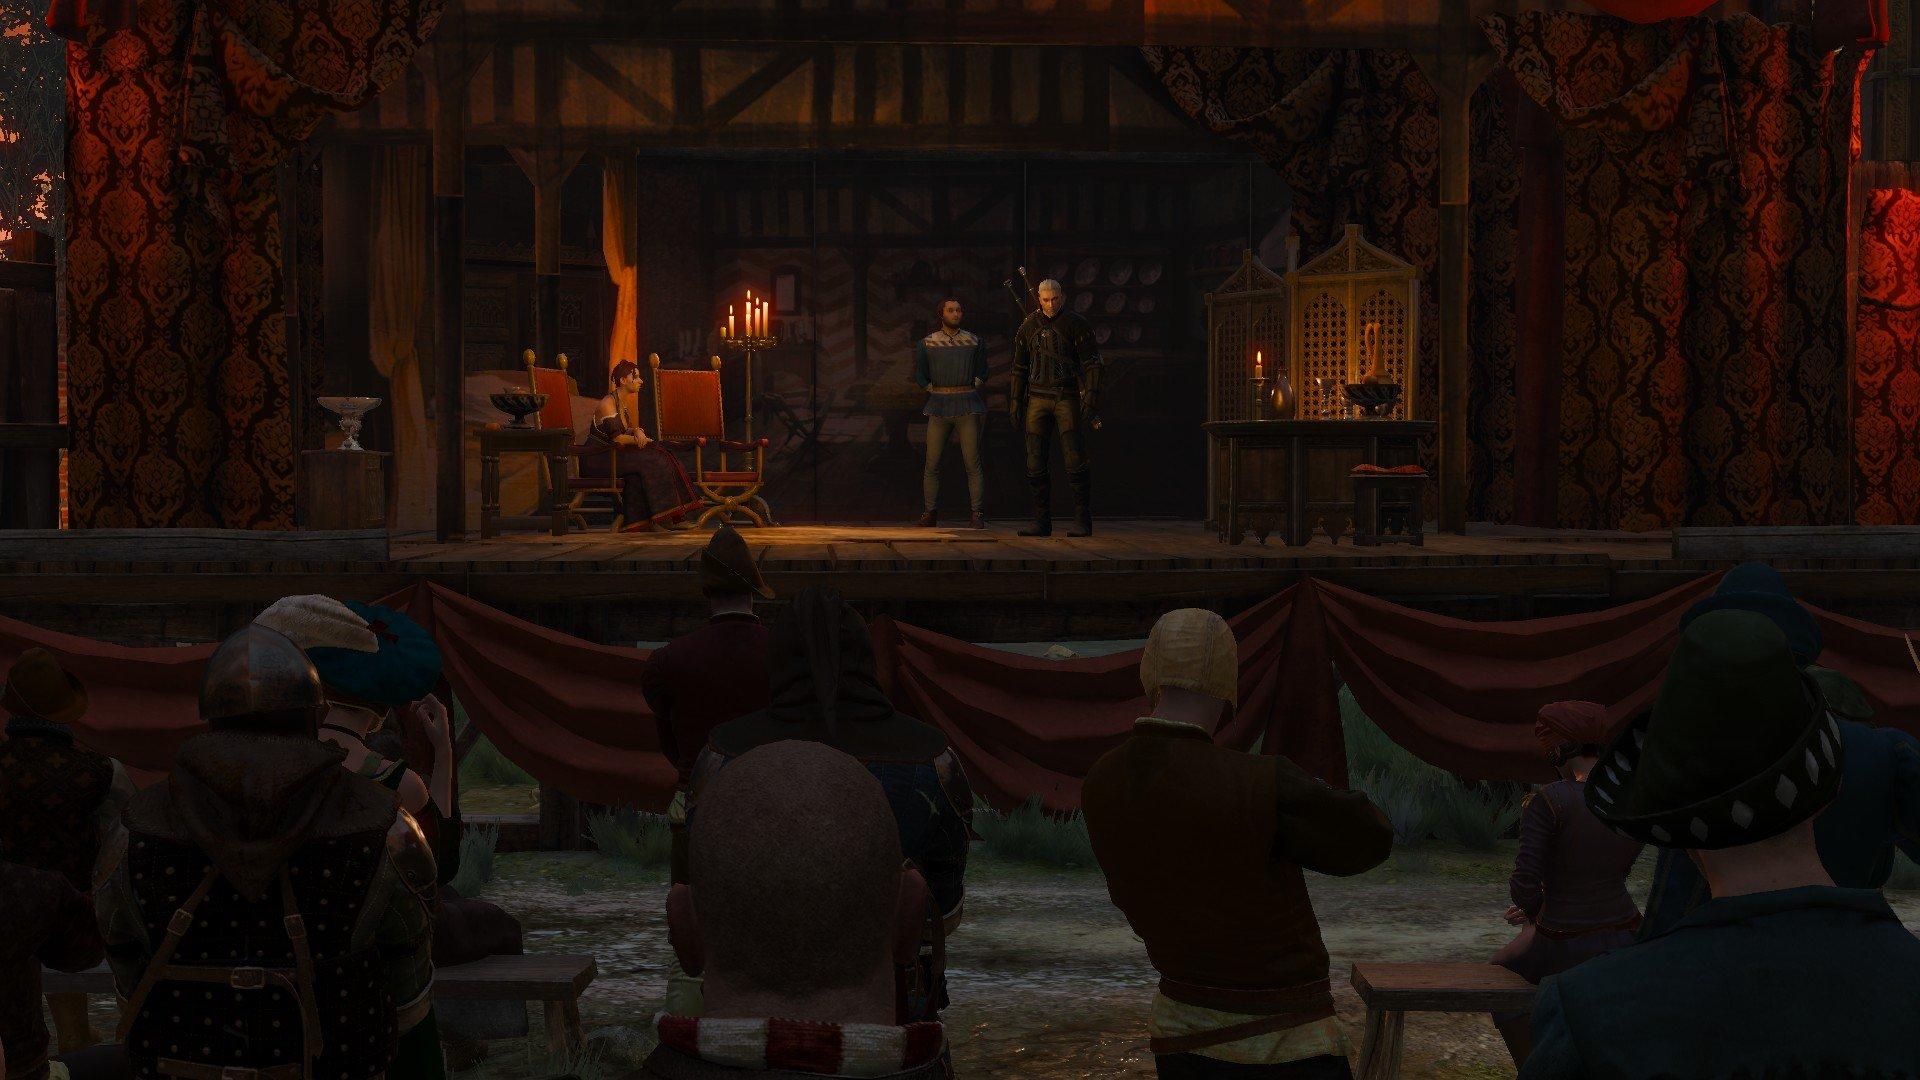 """""""Ведьмак"""" будет экранизирован.   Студия Sean Daniel Company, снявшая такие фильмы, как """"Мумия 3: Гробница императора ... - Изображение 1"""